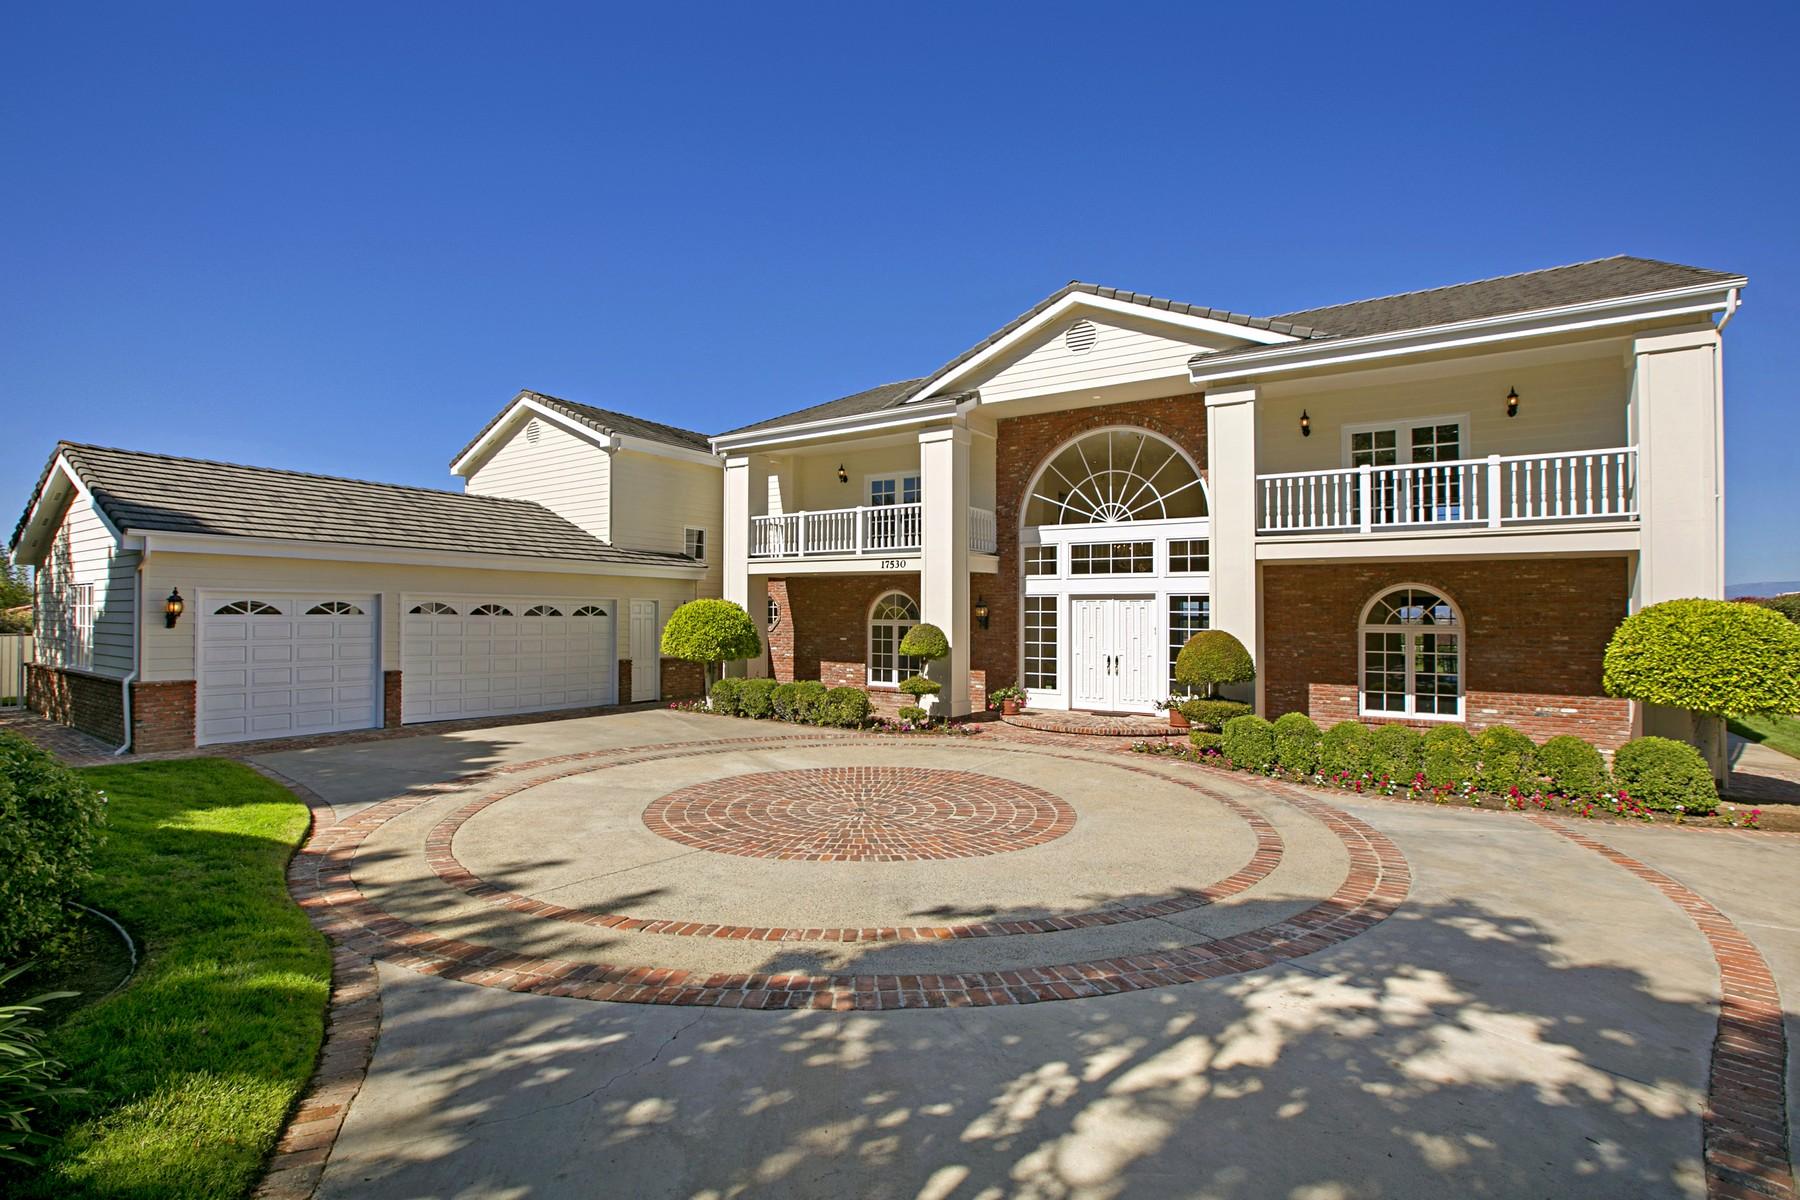 一戸建て のために 売買 アット 17530 Via Loma Drive Poway, カリフォルニア, 92064 アメリカ合衆国